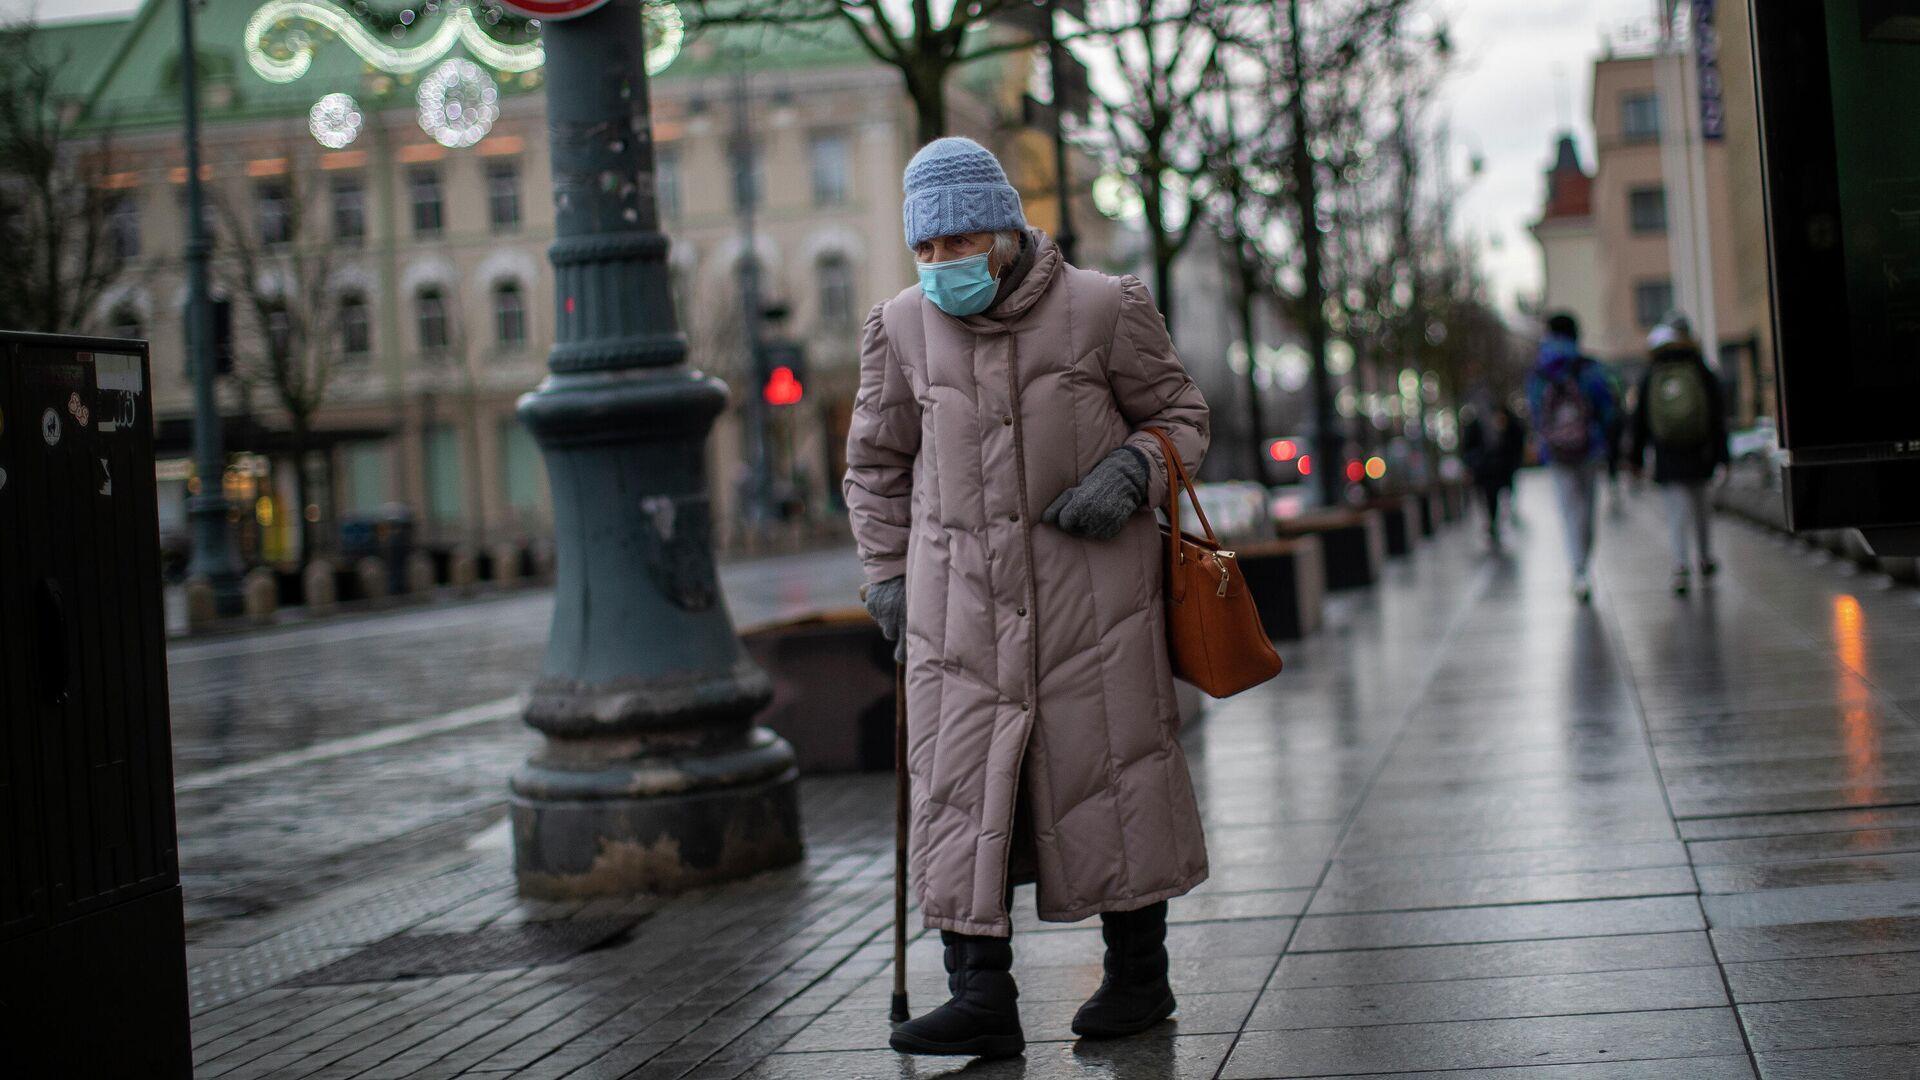 Пожилая женщина в защитной маске на улице Вильнюса - РИА Новости, 1920, 24.02.2021